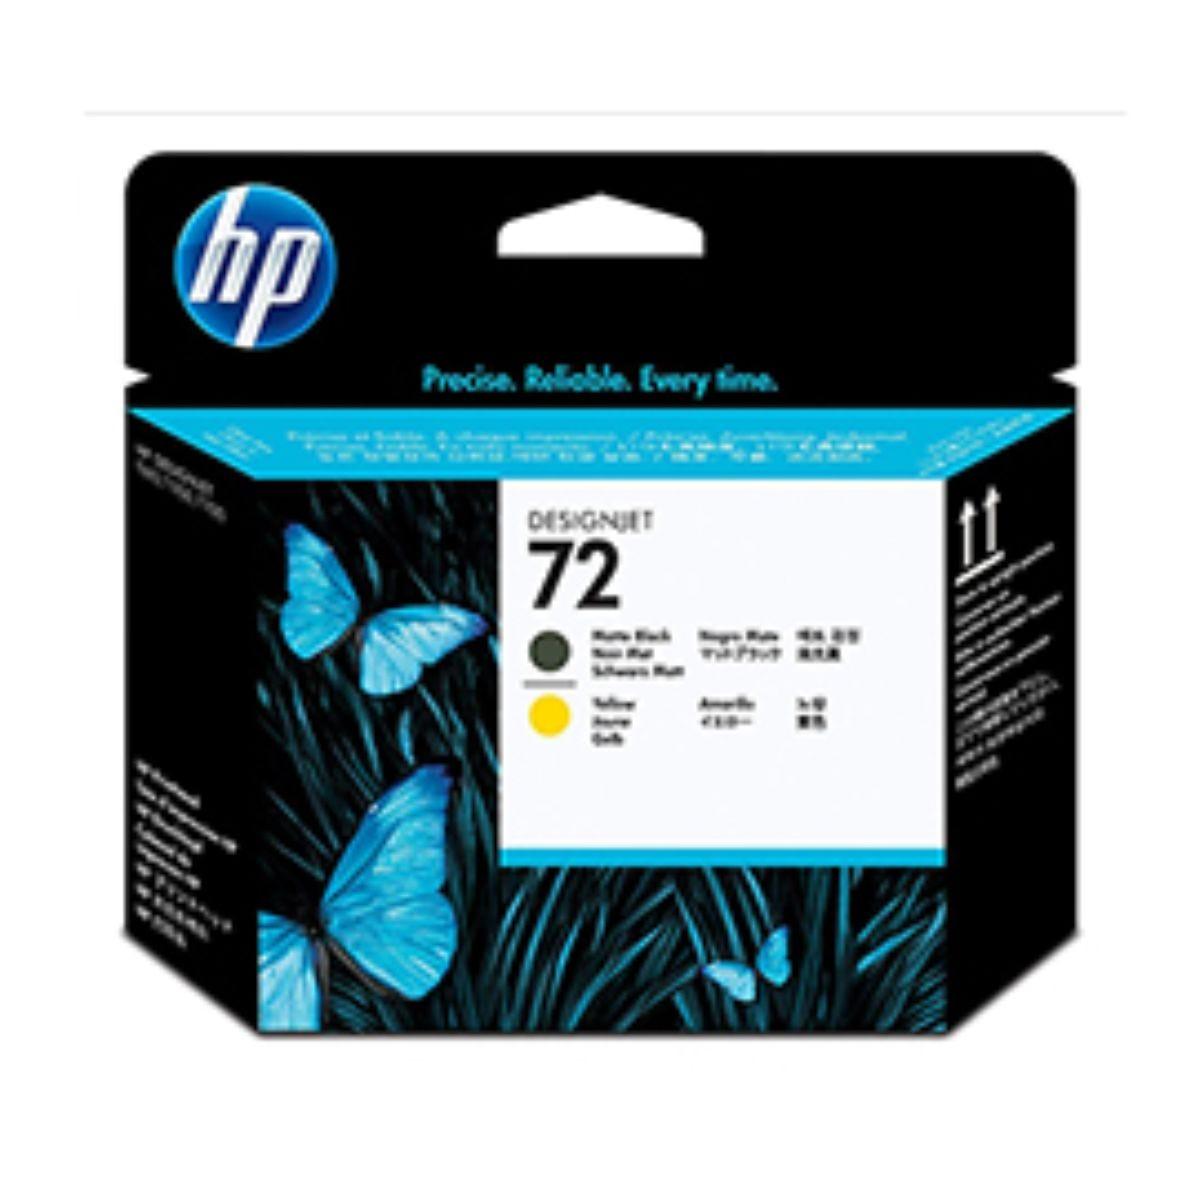 Image of HP 72 Printhead Matt Black and Yellow, Matt Blk/Yell